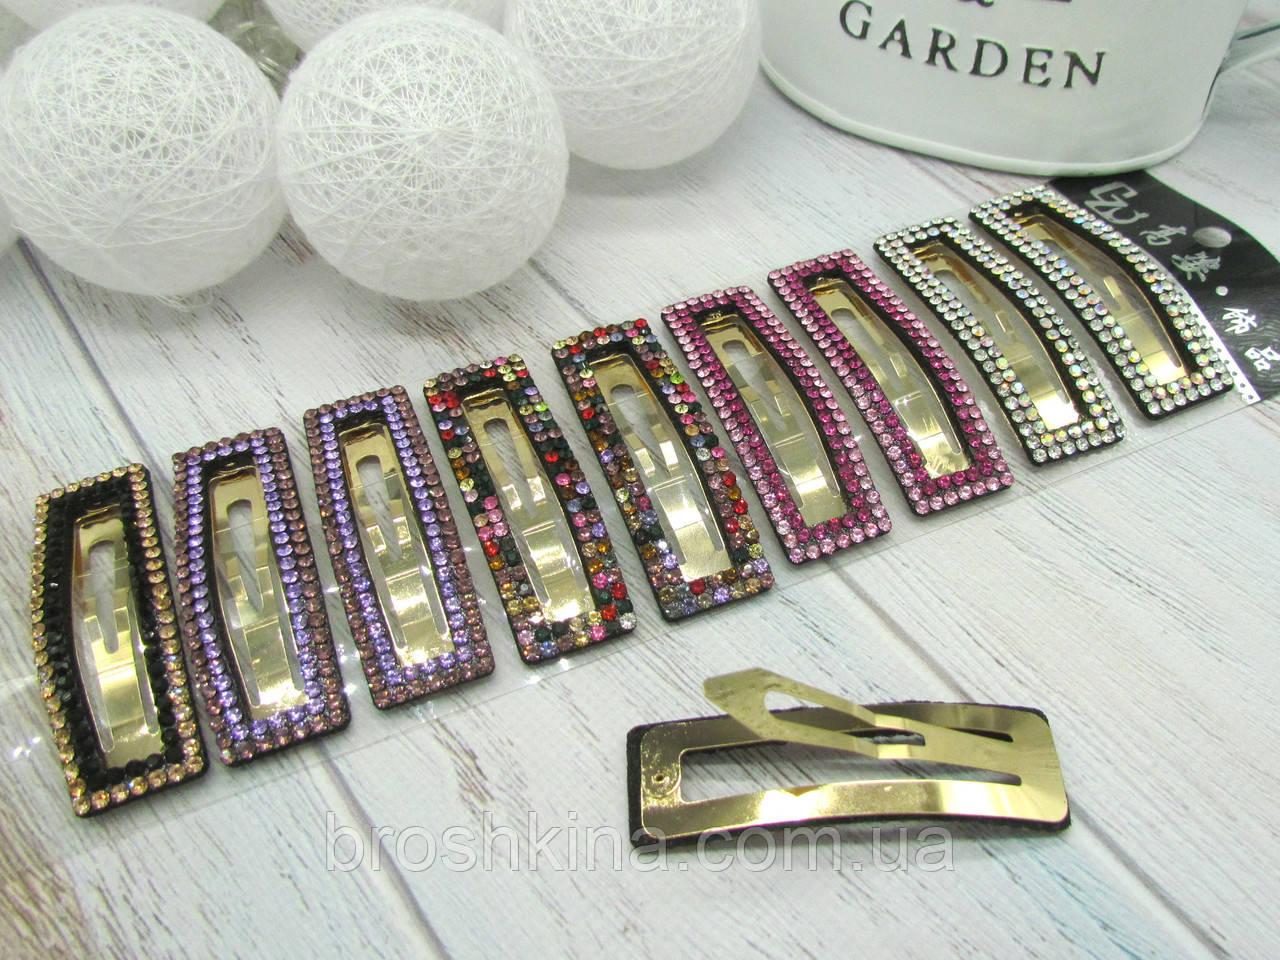 Заколки для волос тик-так 7.3 см цветные кристаллы 10 шт/уп.